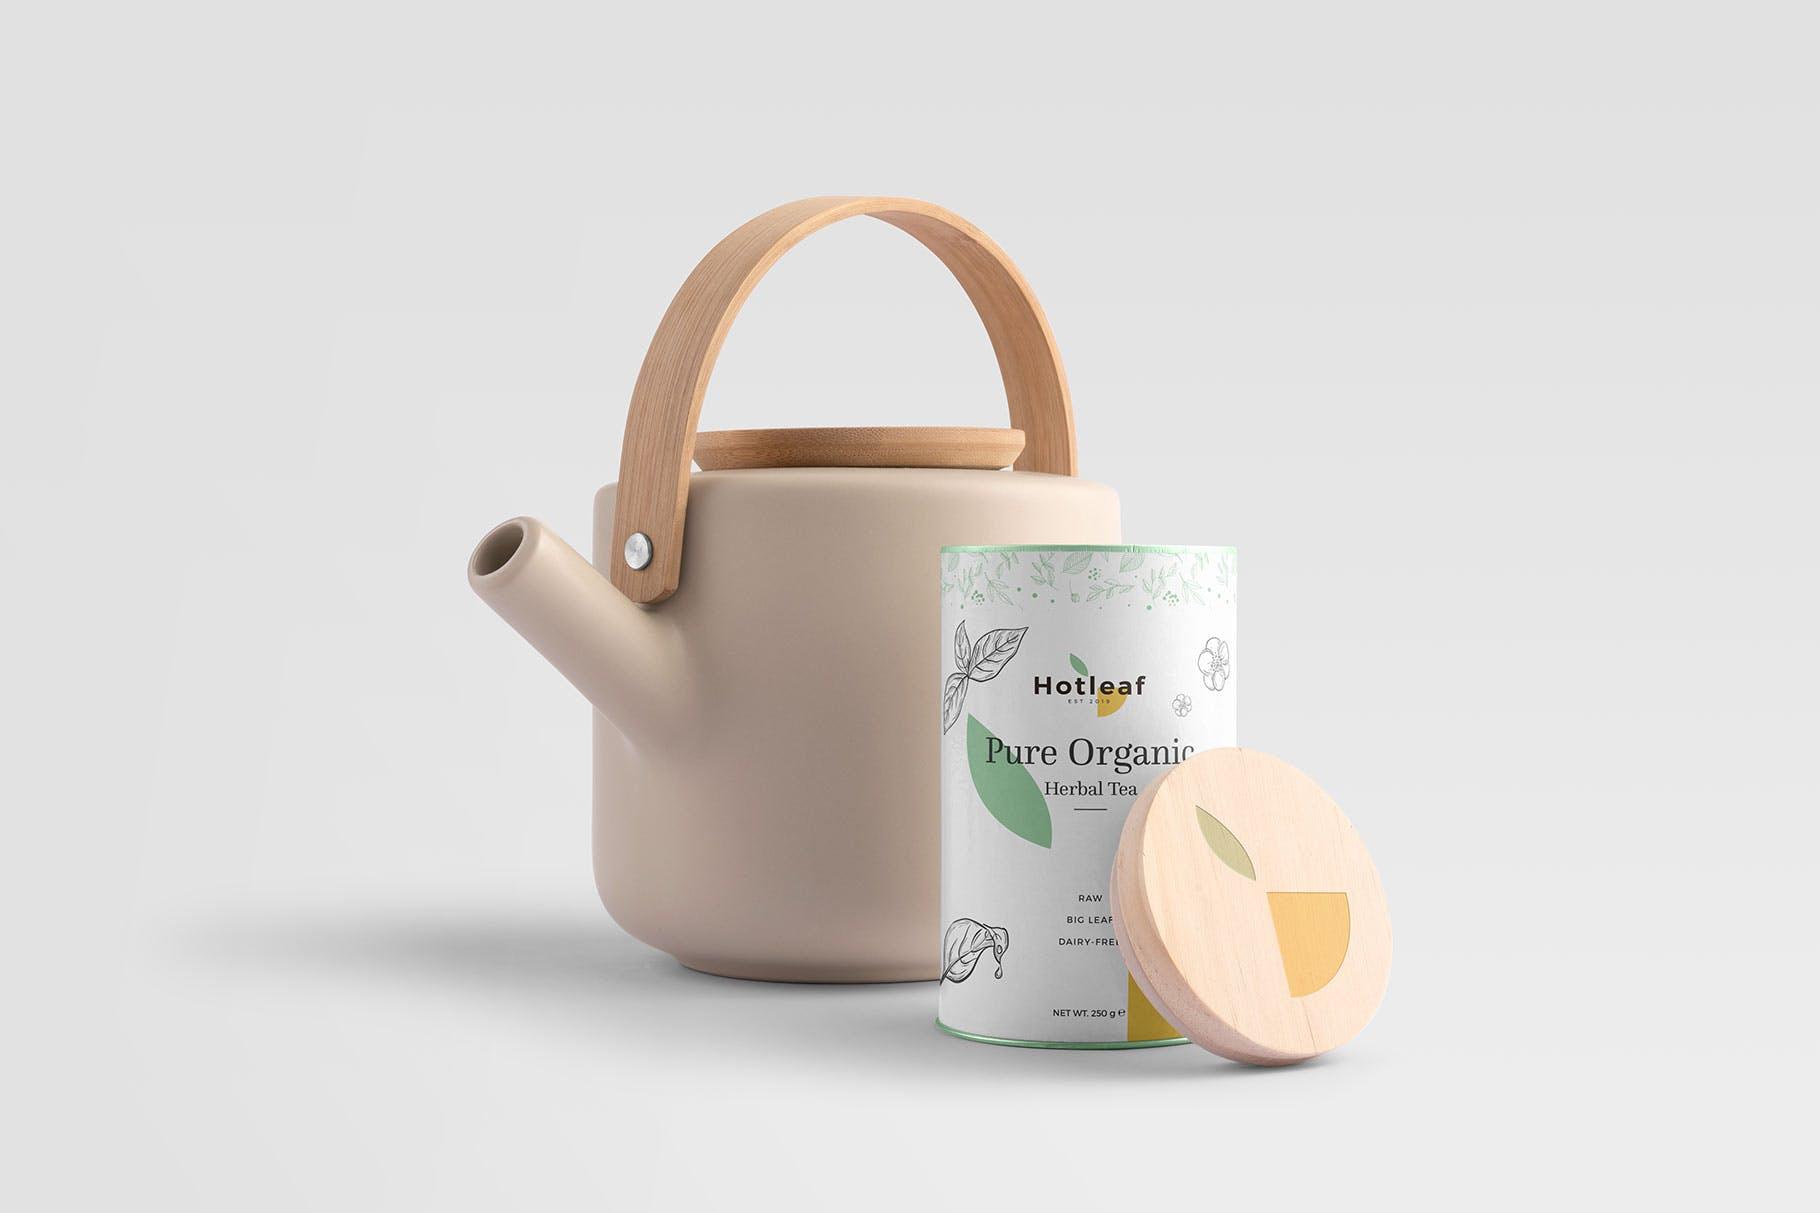 茶叶品牌VI茶产品相关自定义物品